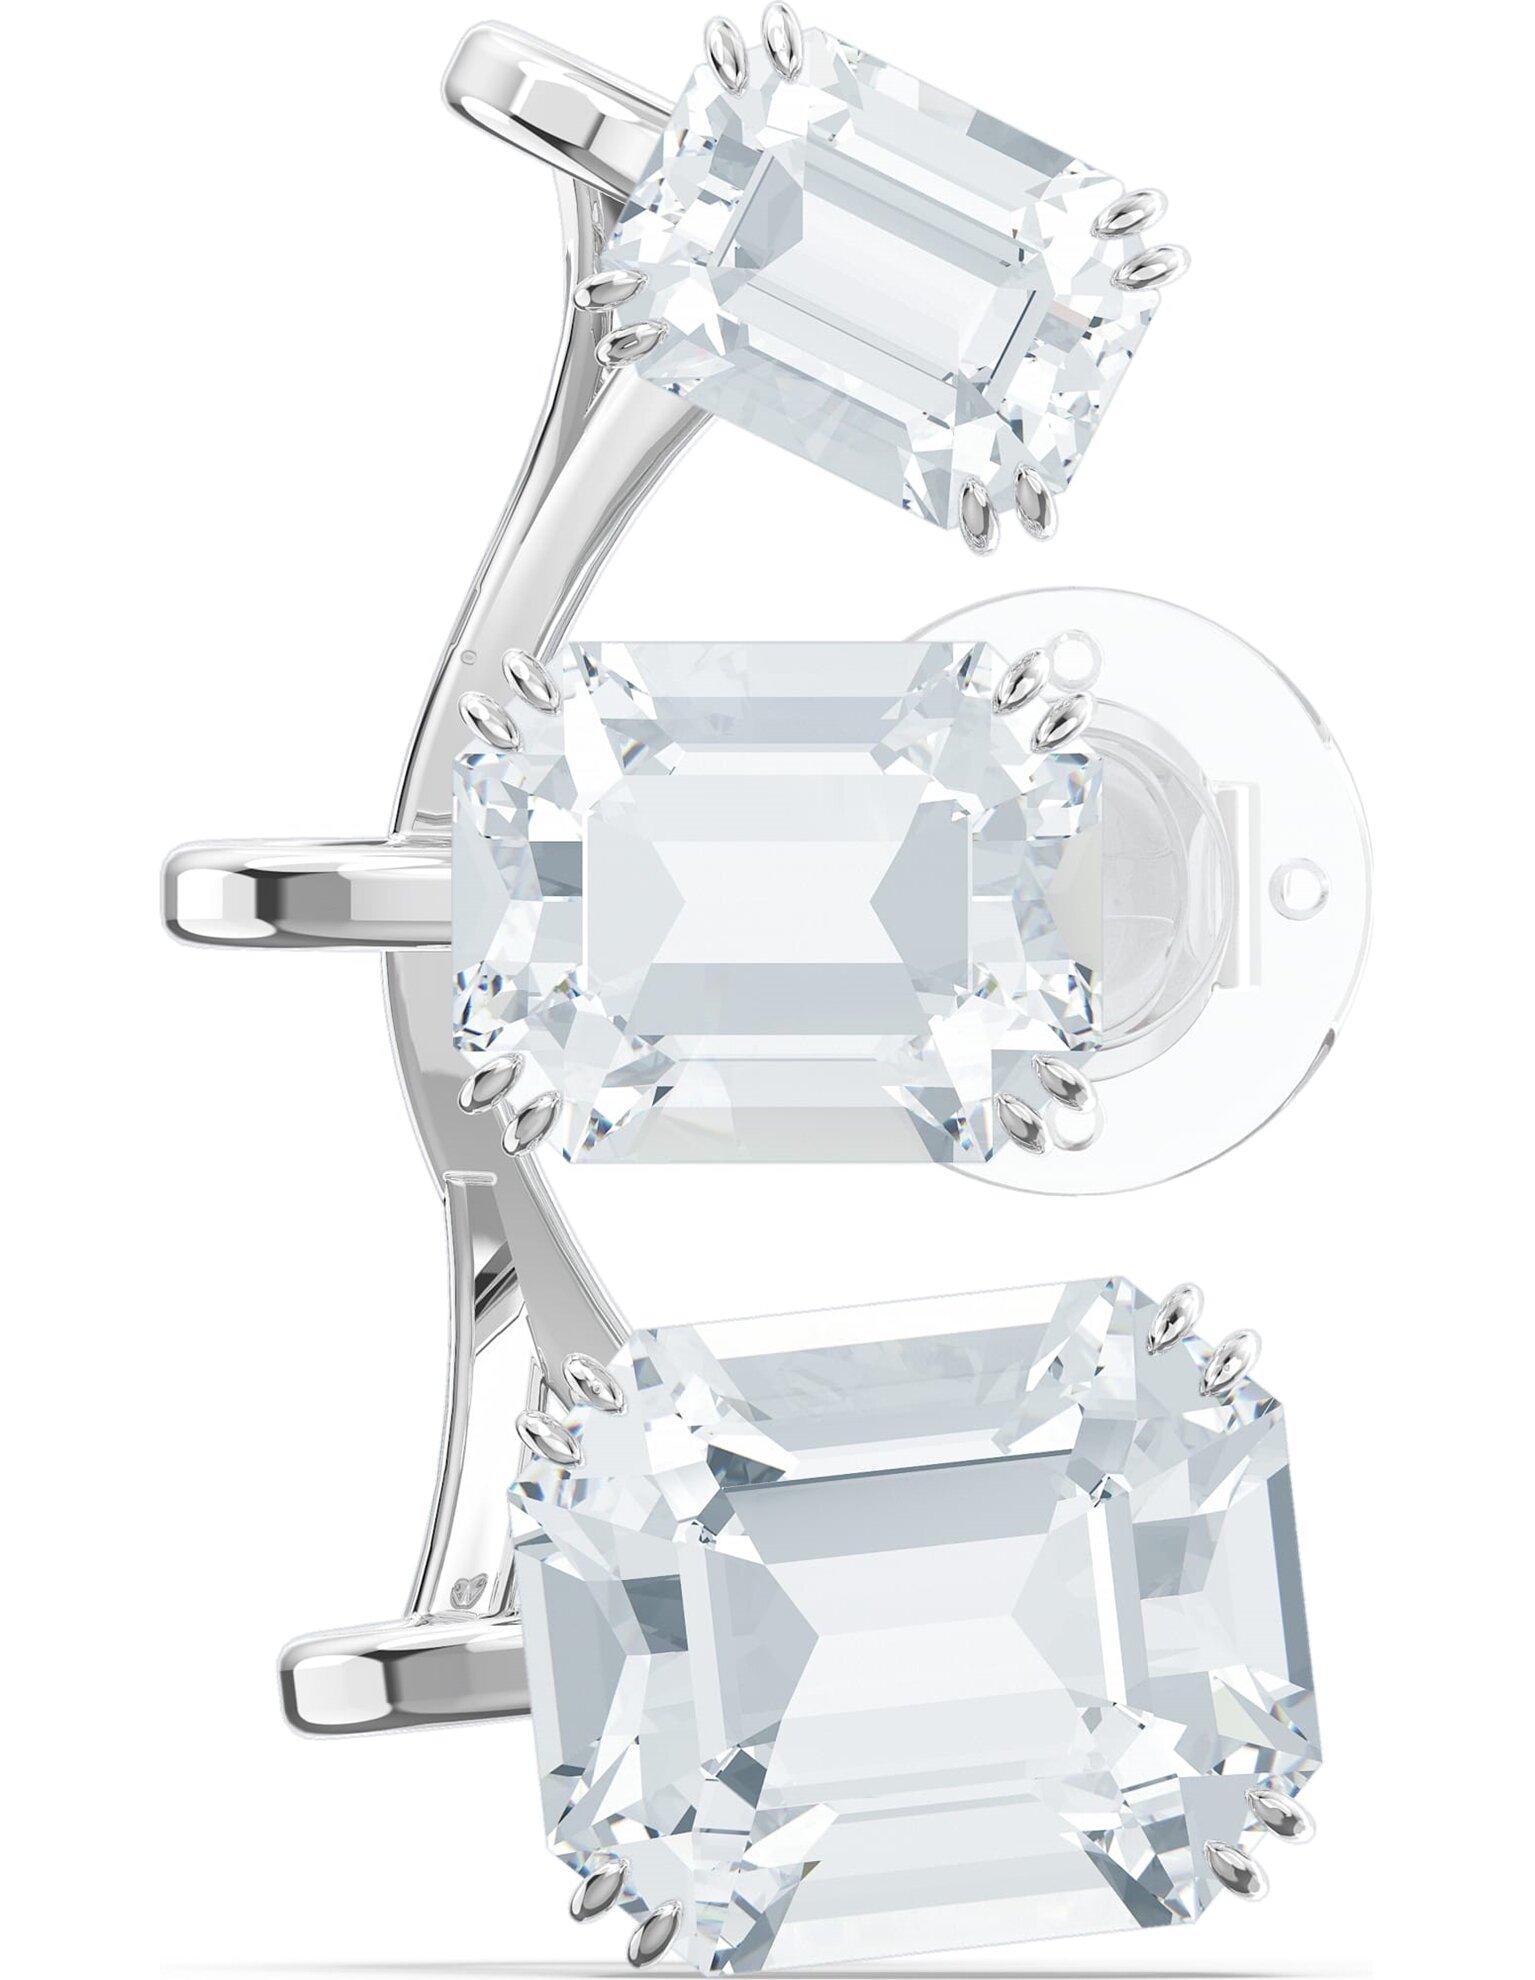 Picture of Millenia Kelepçe Küpe, Tek, Kademeli Kristaller, Beyaz, Rodyum kaplama